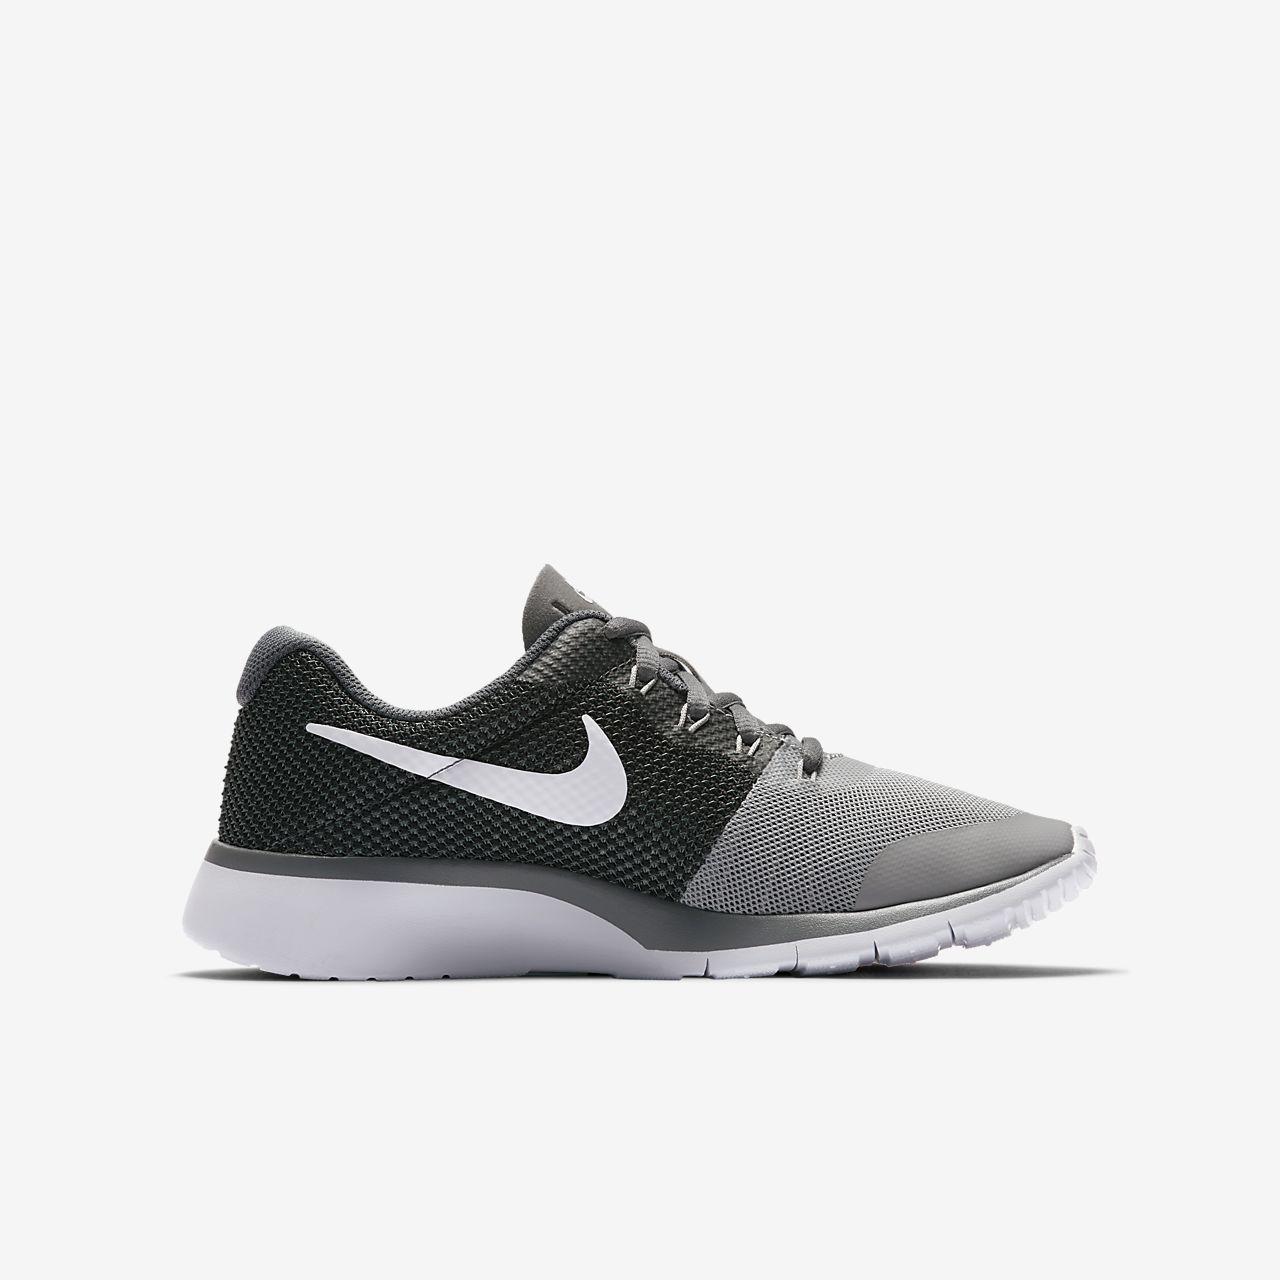 Nike Youth Tanjun Black Grey Mesh Trainers 36.5 EU VQodq9rZ7v